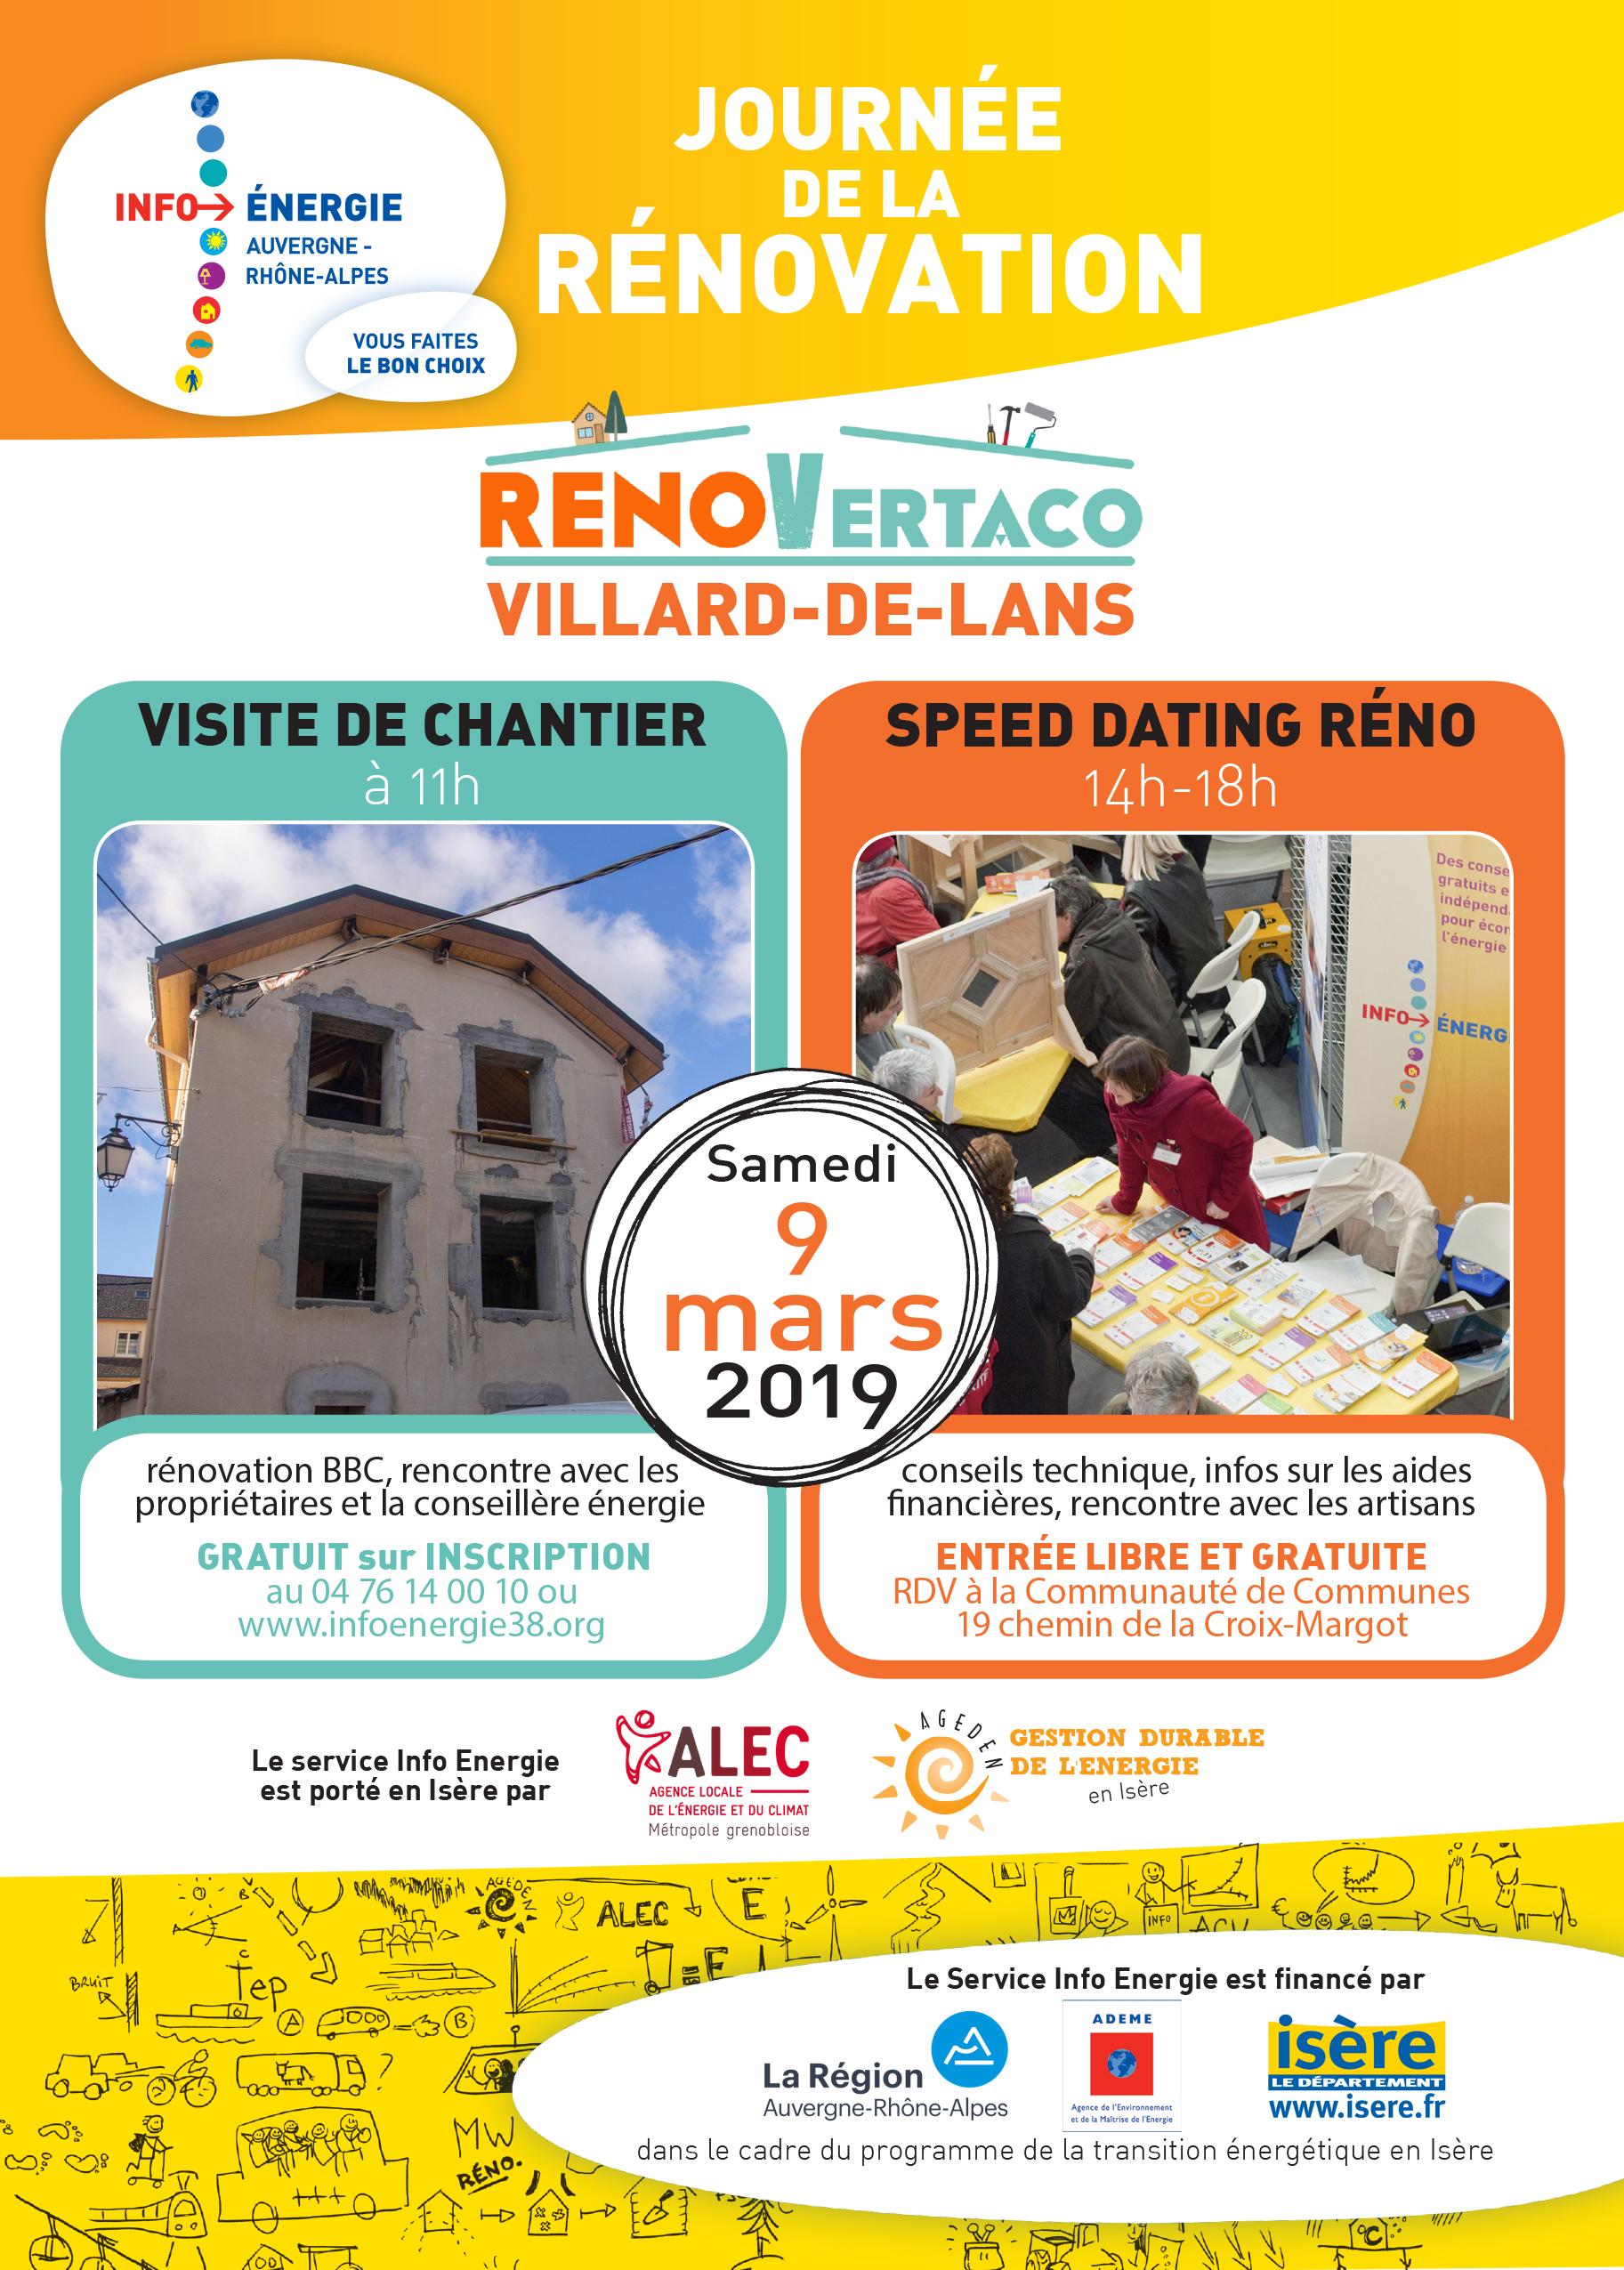 Journée de la rénovation Vercors